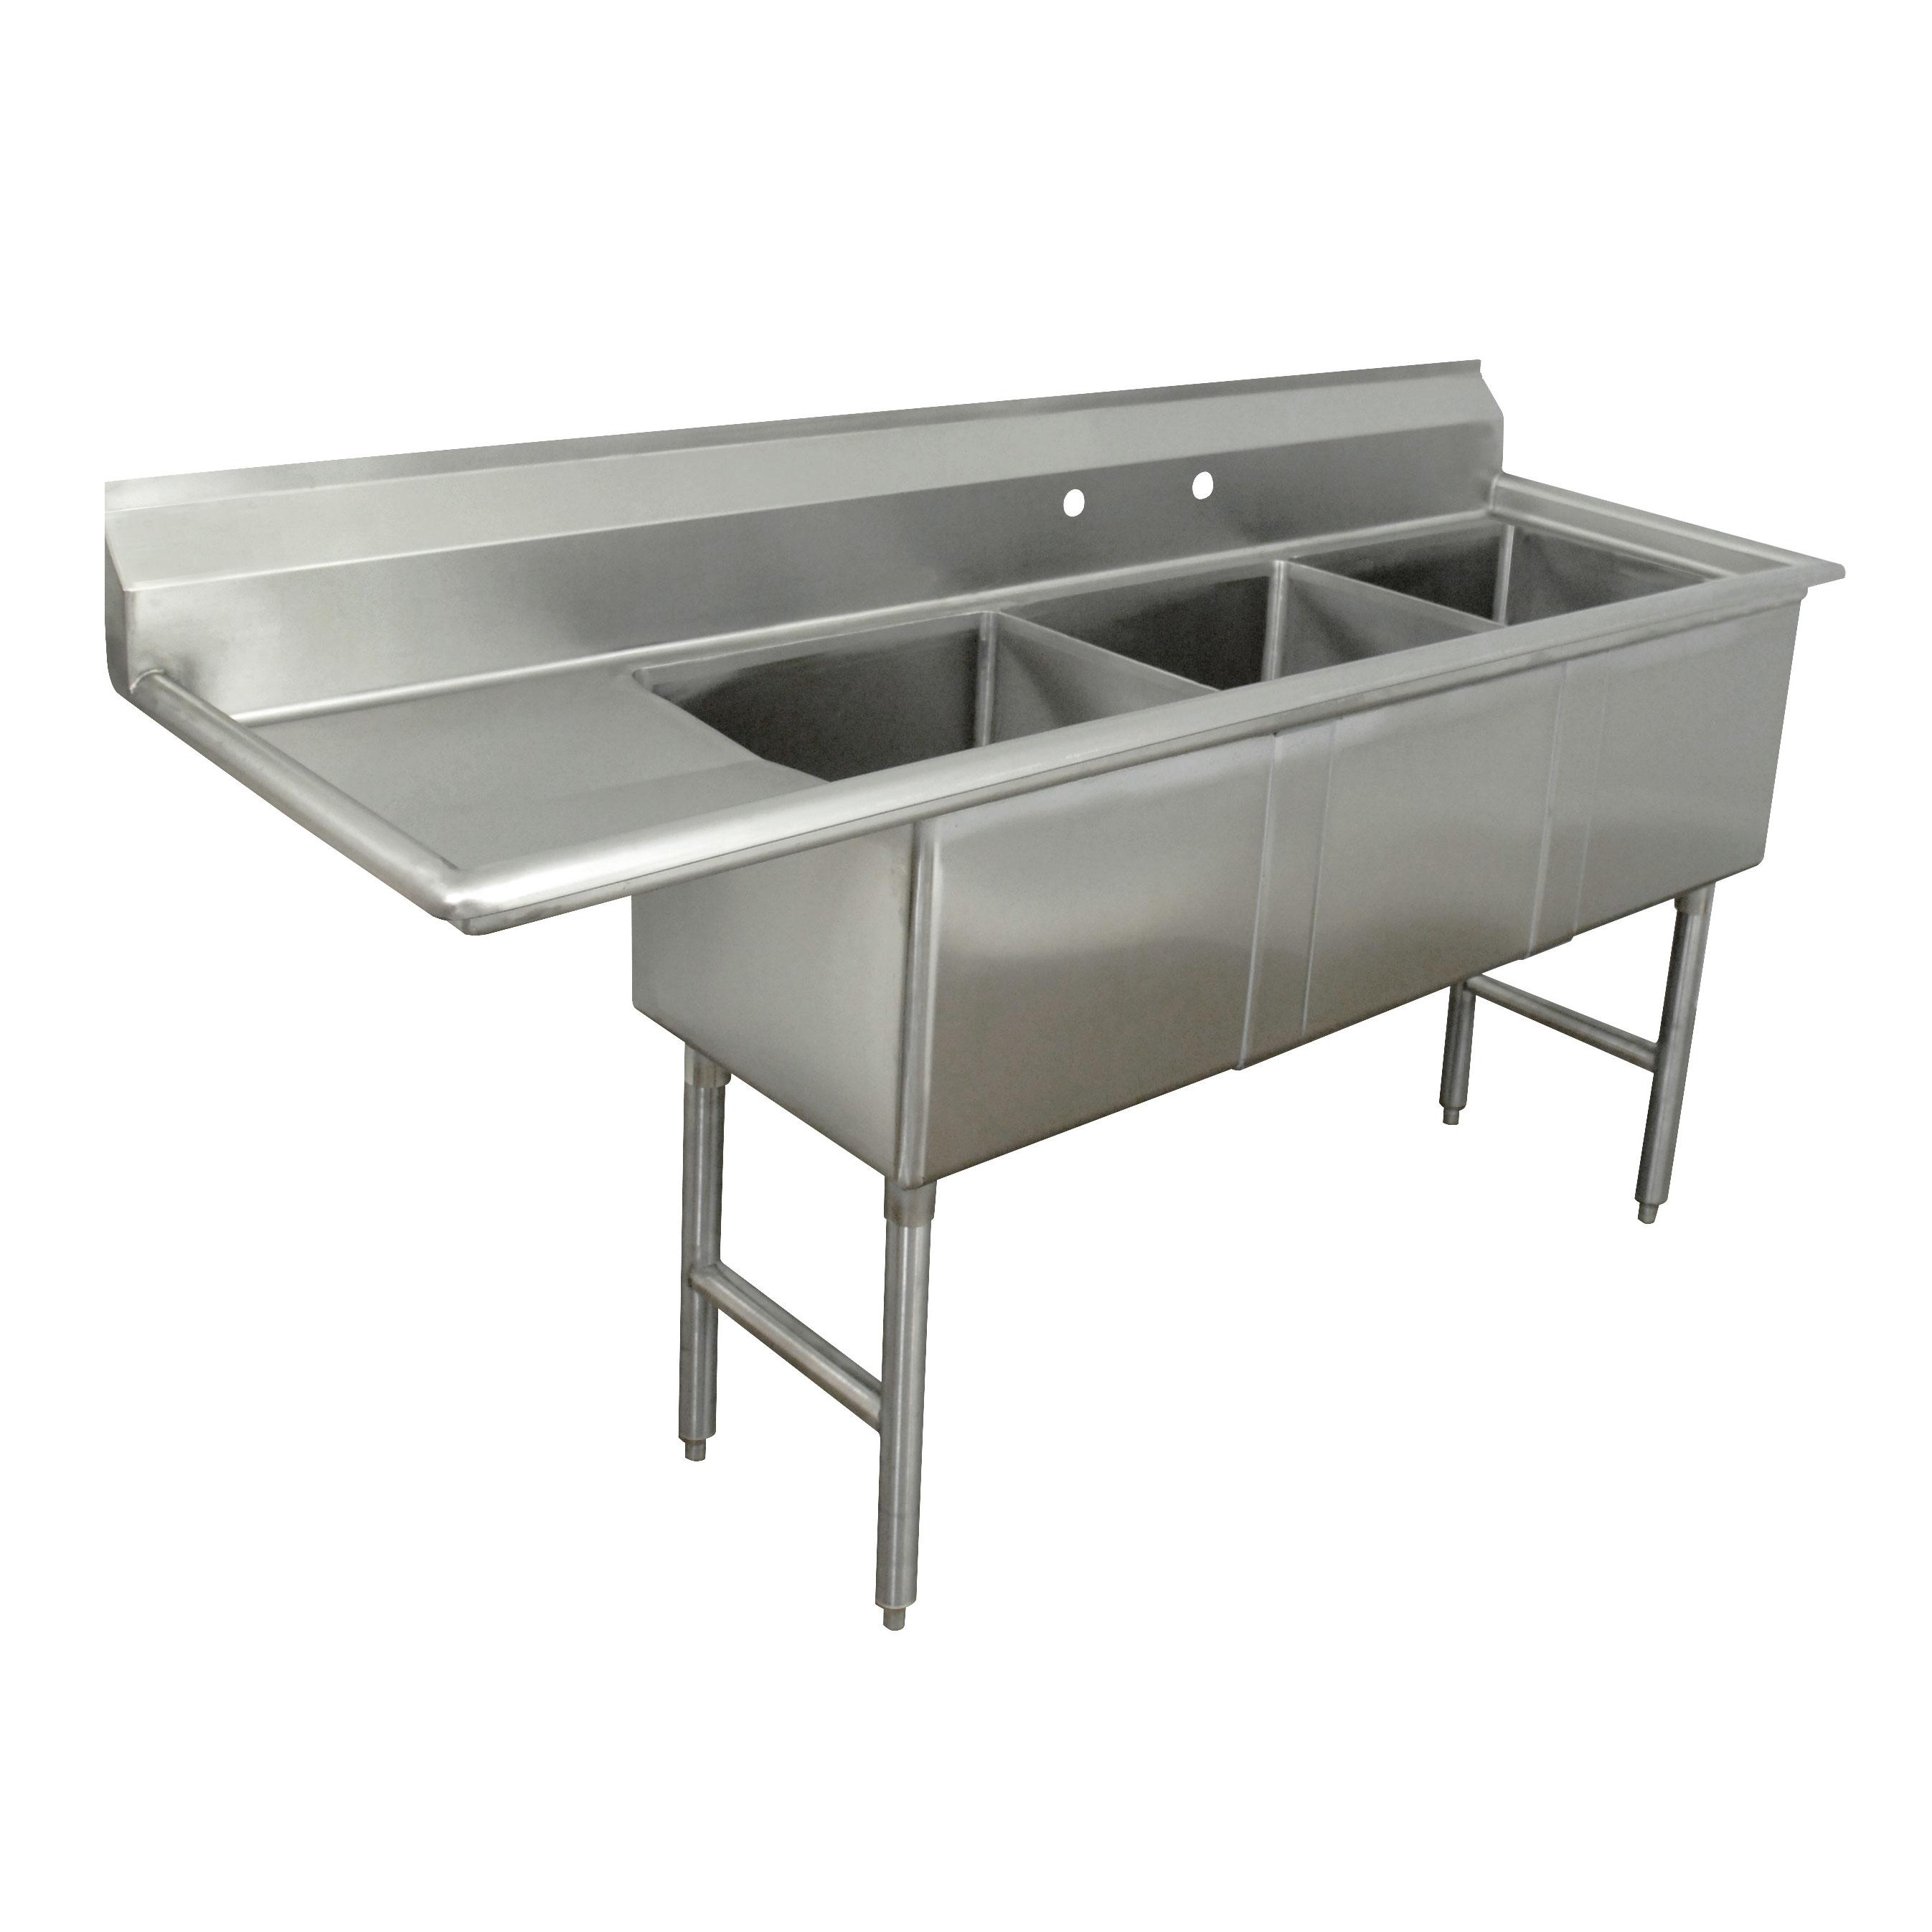 Advance Tabco FC-3-2424-24L-X sink, (3) three compartment